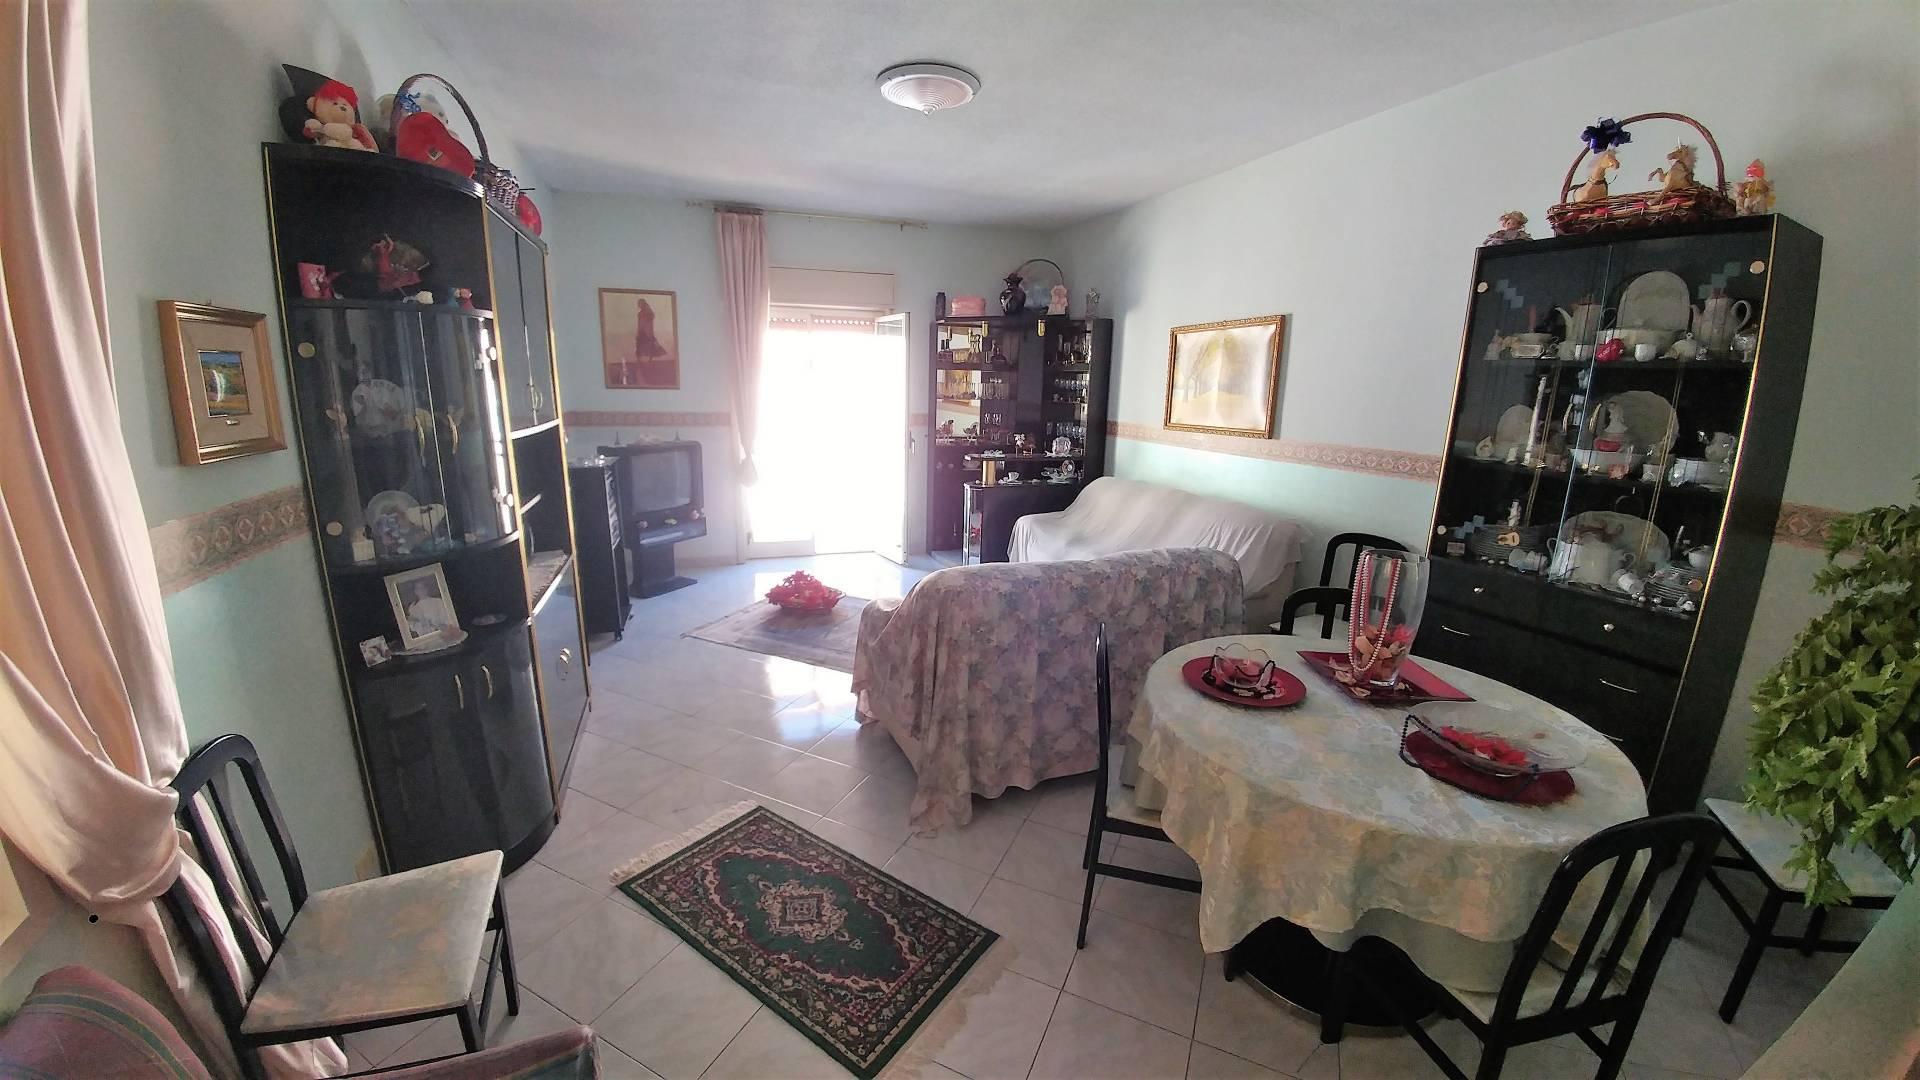 Appartamento in vendita a Agrigento, 4 locali, zona Località: Quadrivio, prezzo € 95.000 | CambioCasa.it